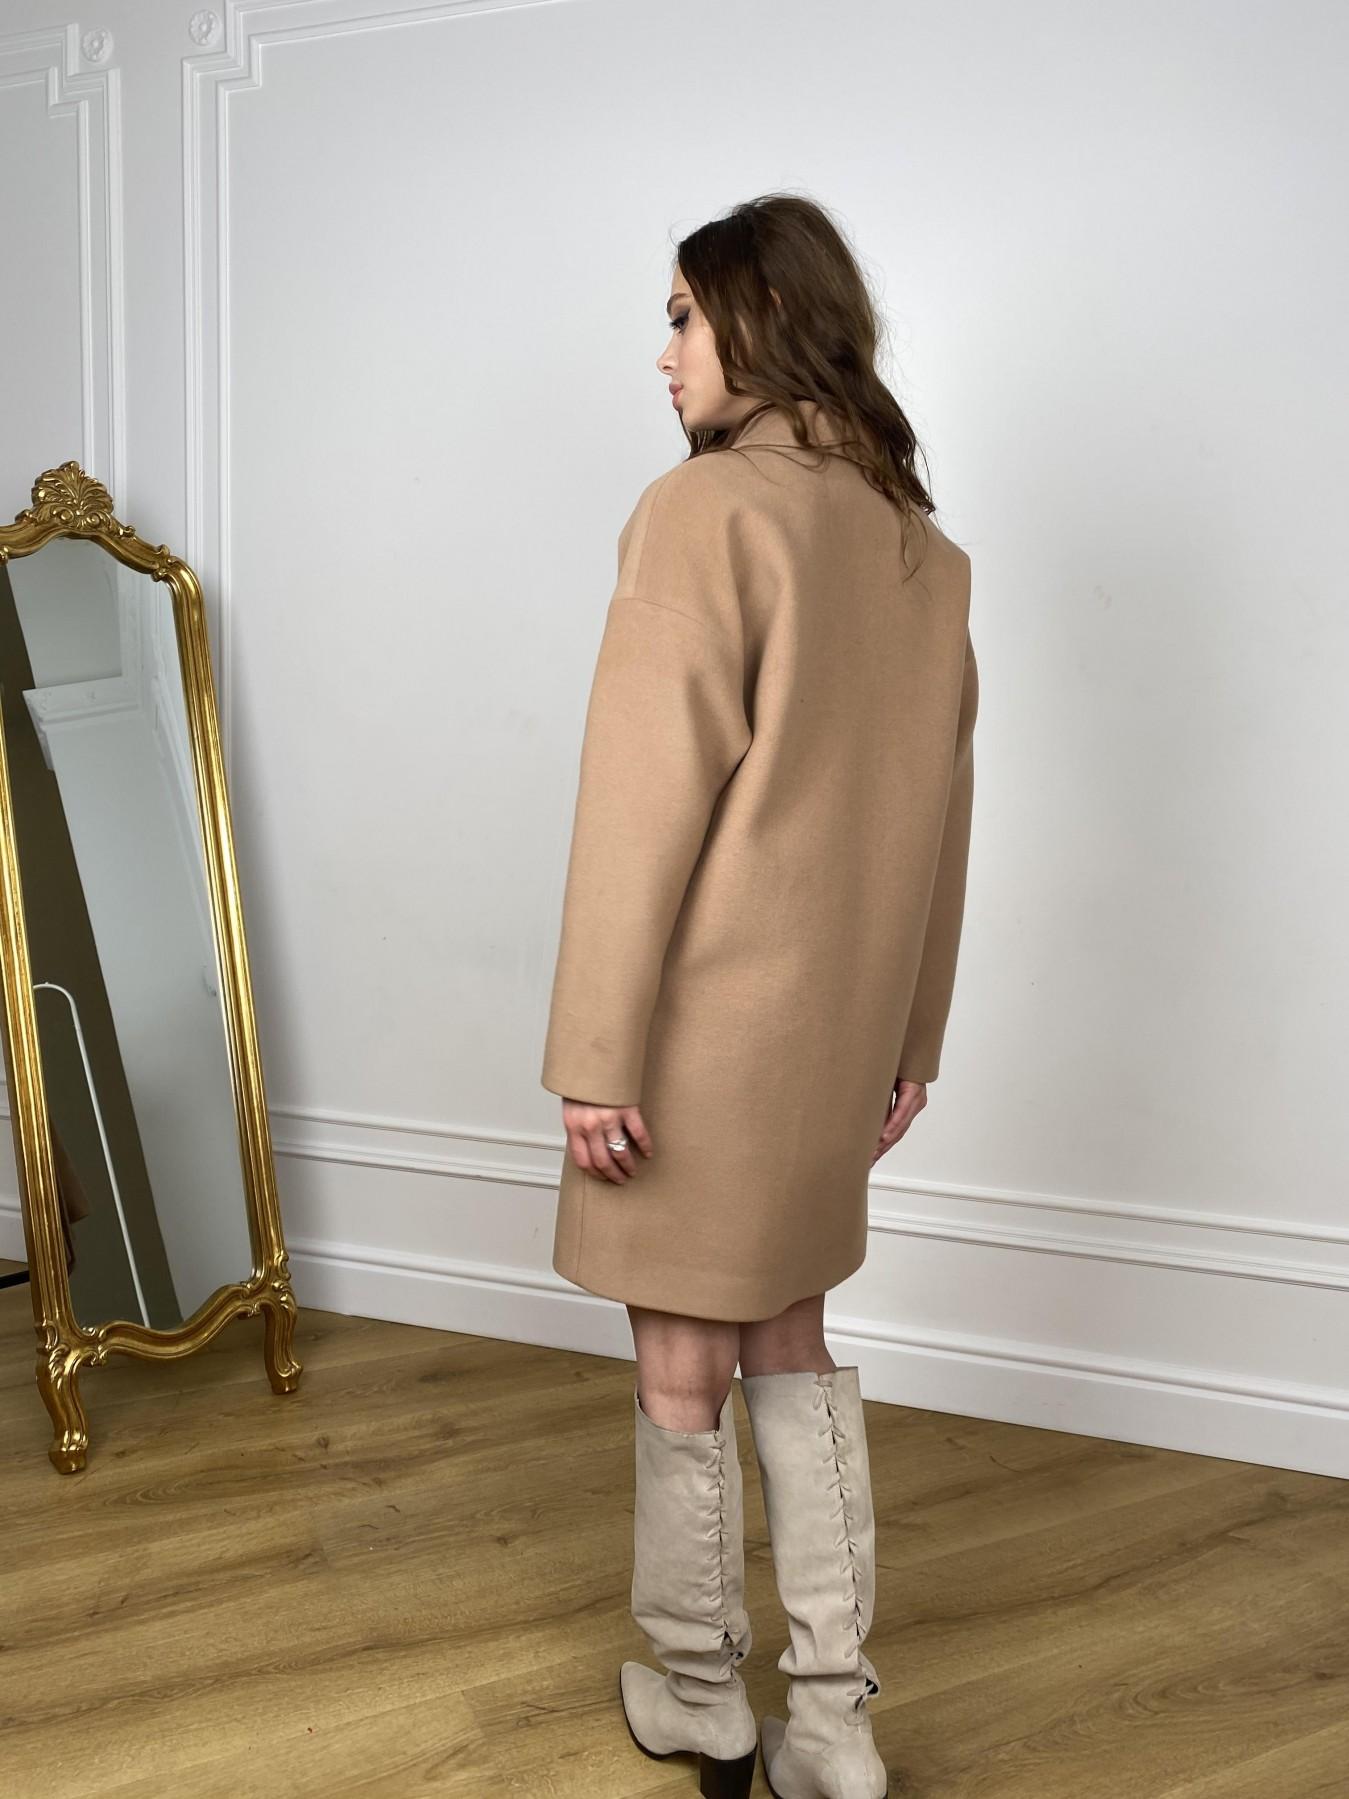 Сенсей пальто из кашемира 10572 АРТ. 46929 Цвет: Кемел - фото 4, интернет магазин tm-modus.ru